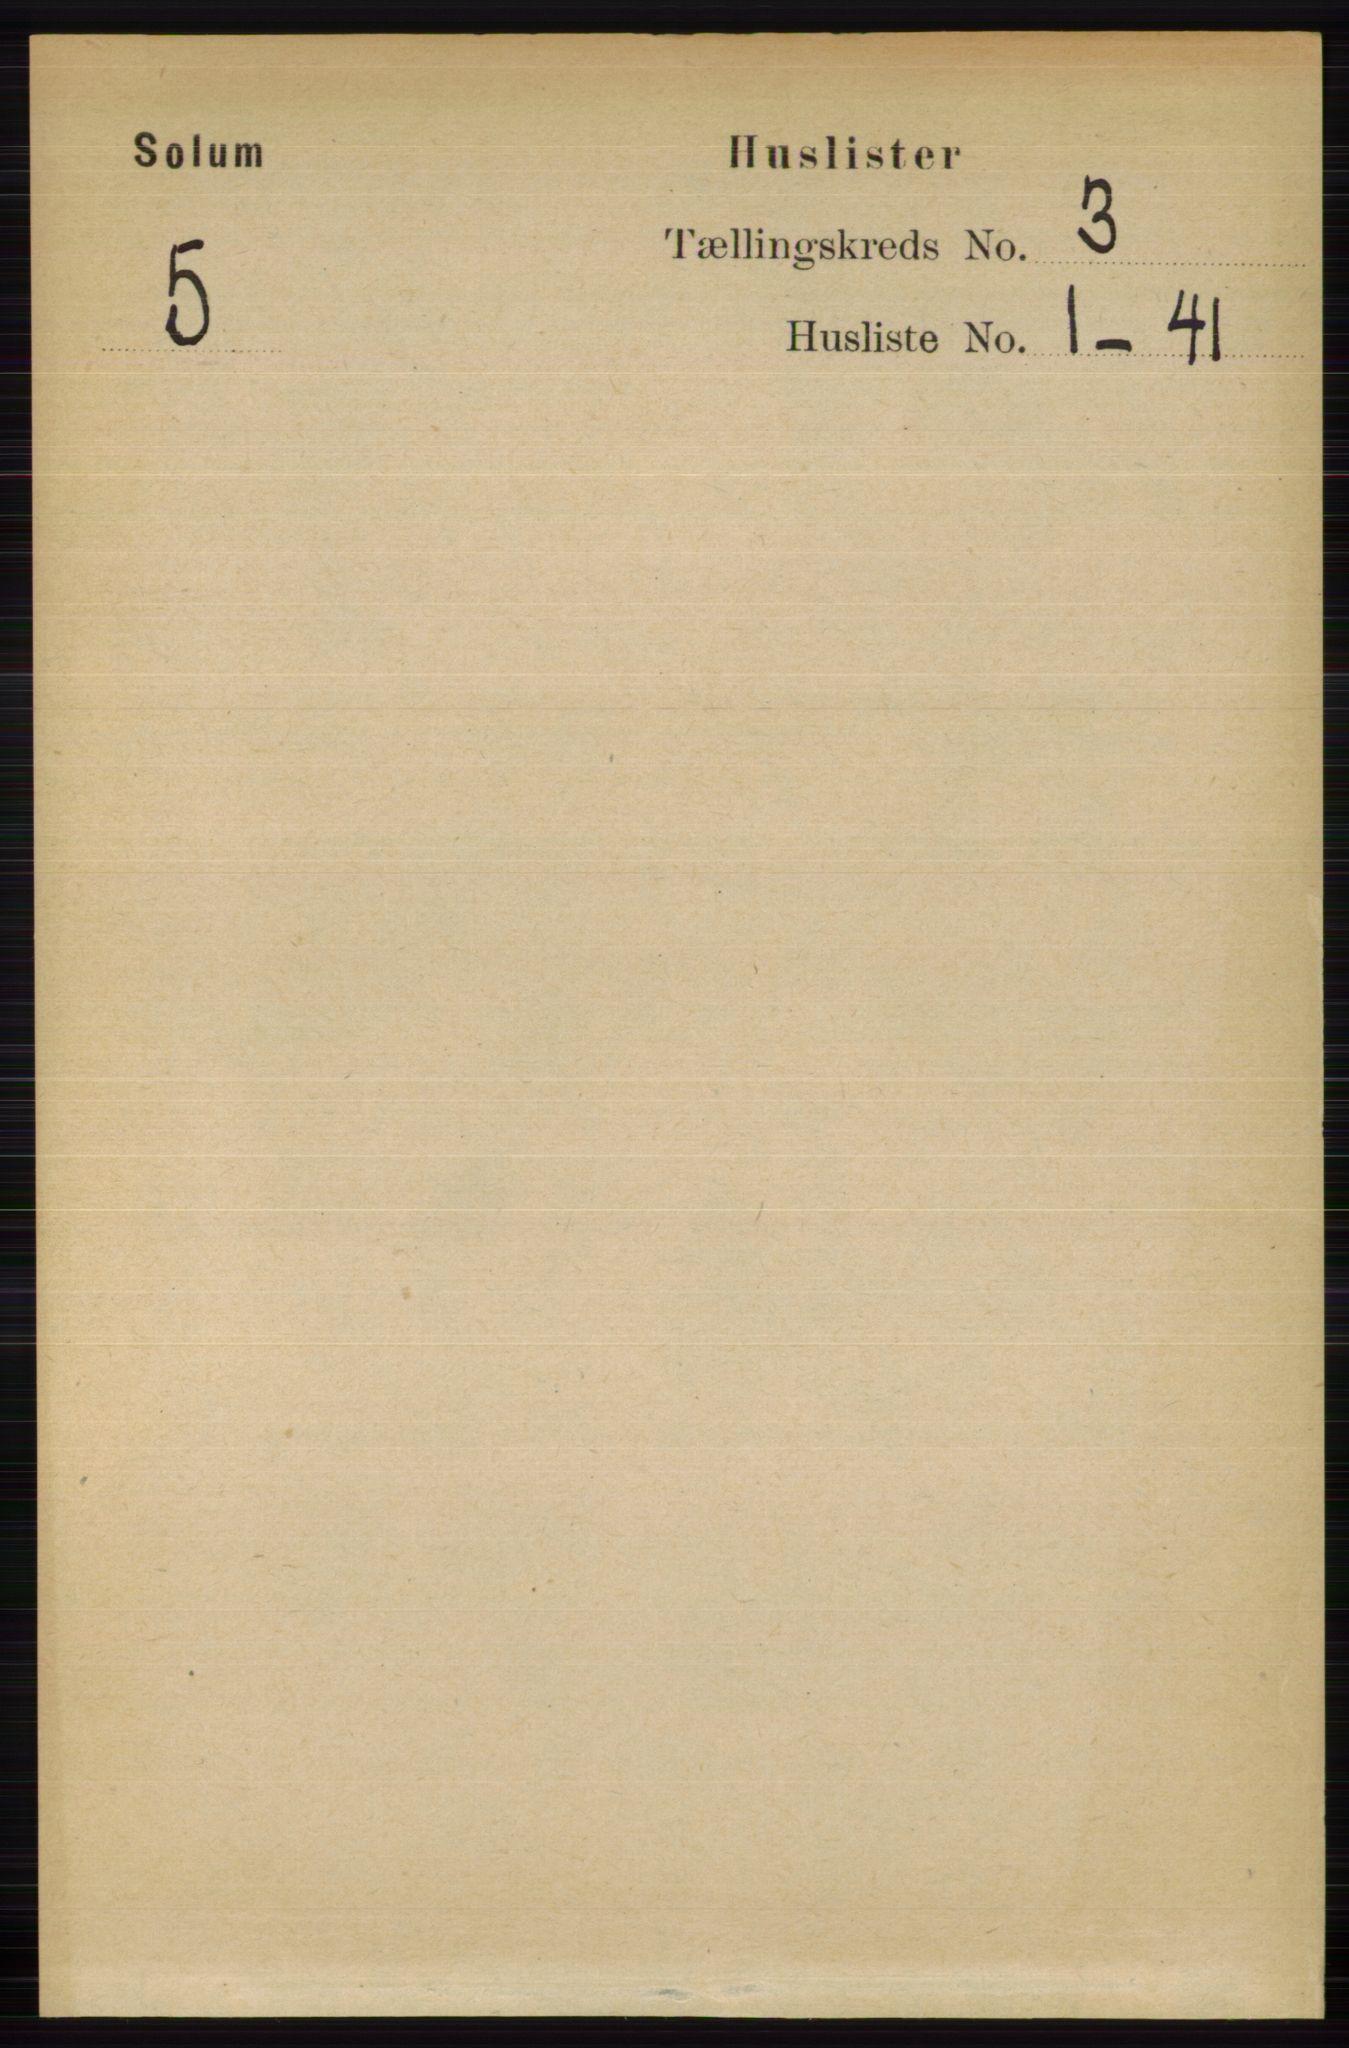 RA, Folketelling 1891 for 0818 Solum herred, 1891, s. 301